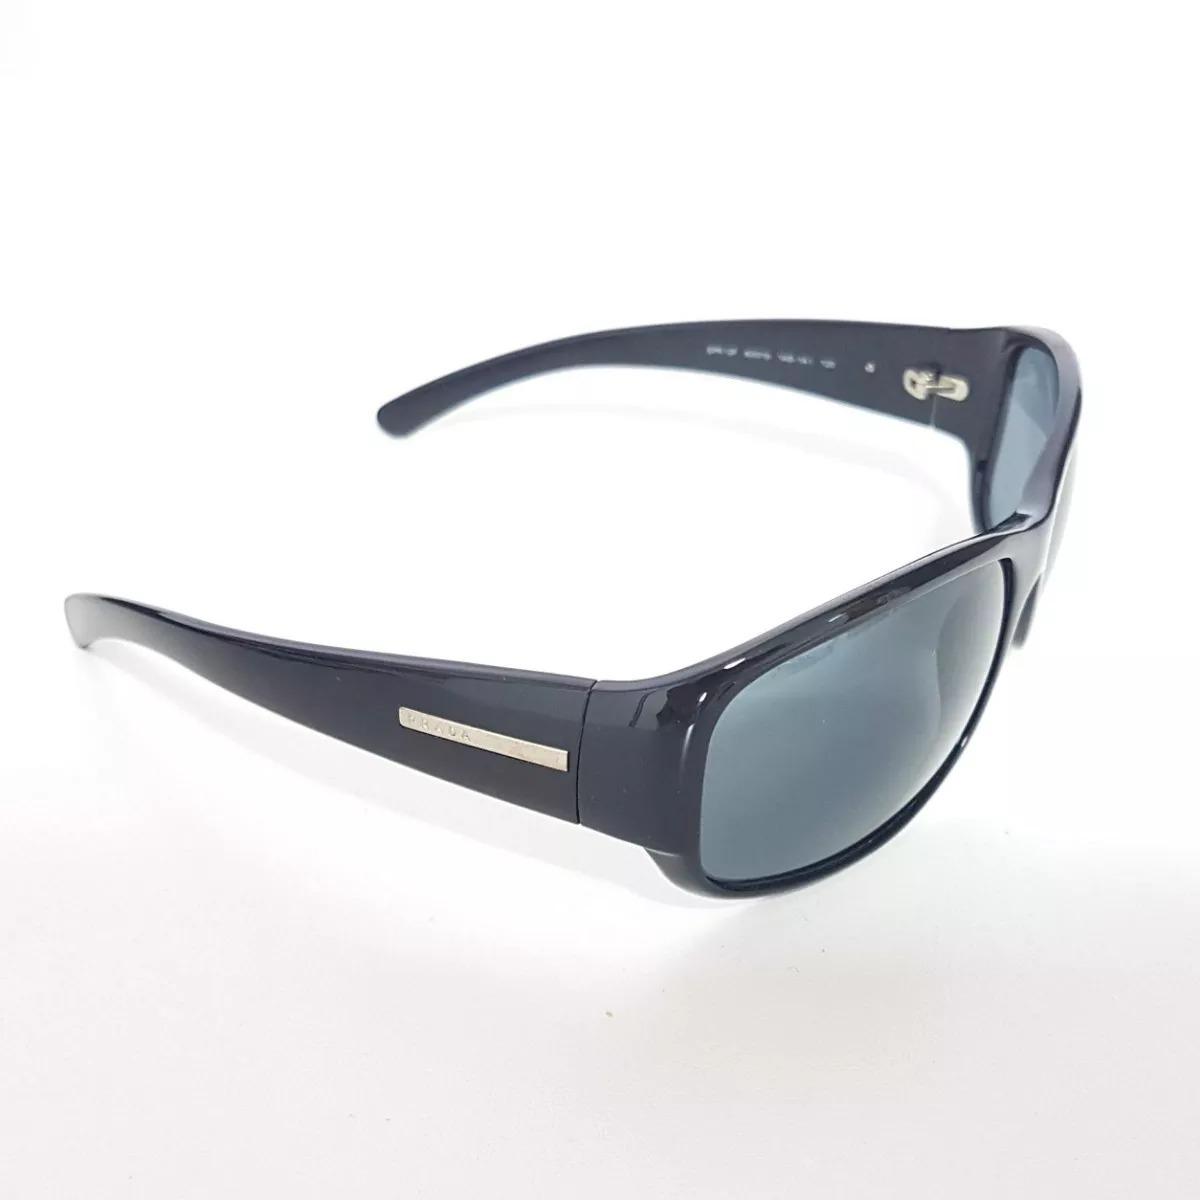 16ac530275f5a Óculos Prada Novo - Original